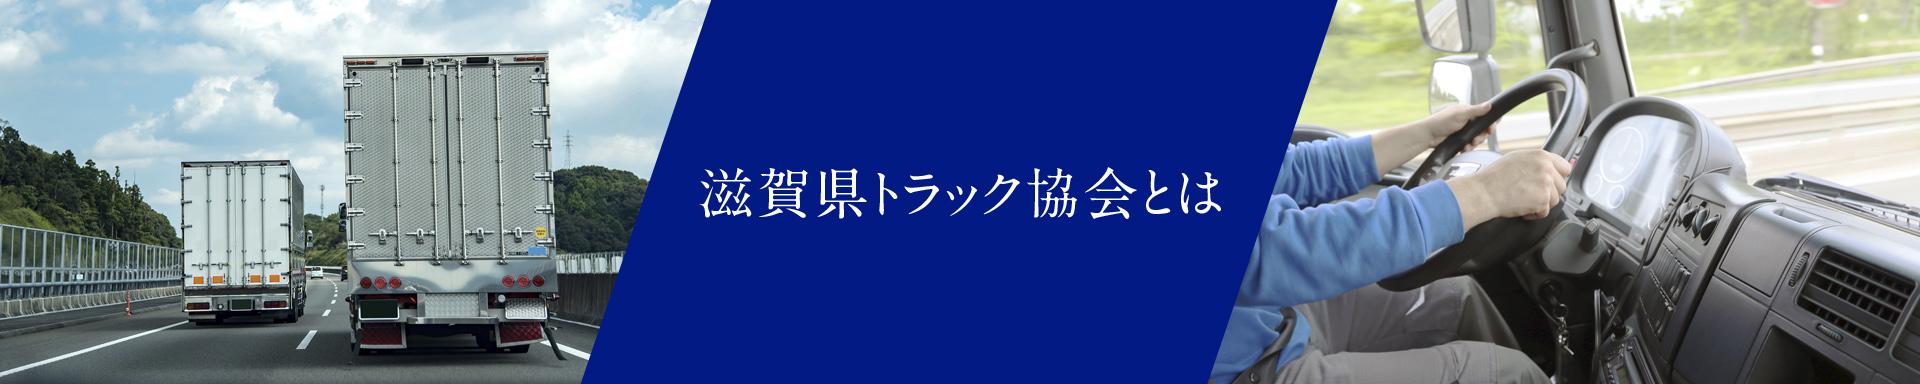 滋賀県トラック協会とは